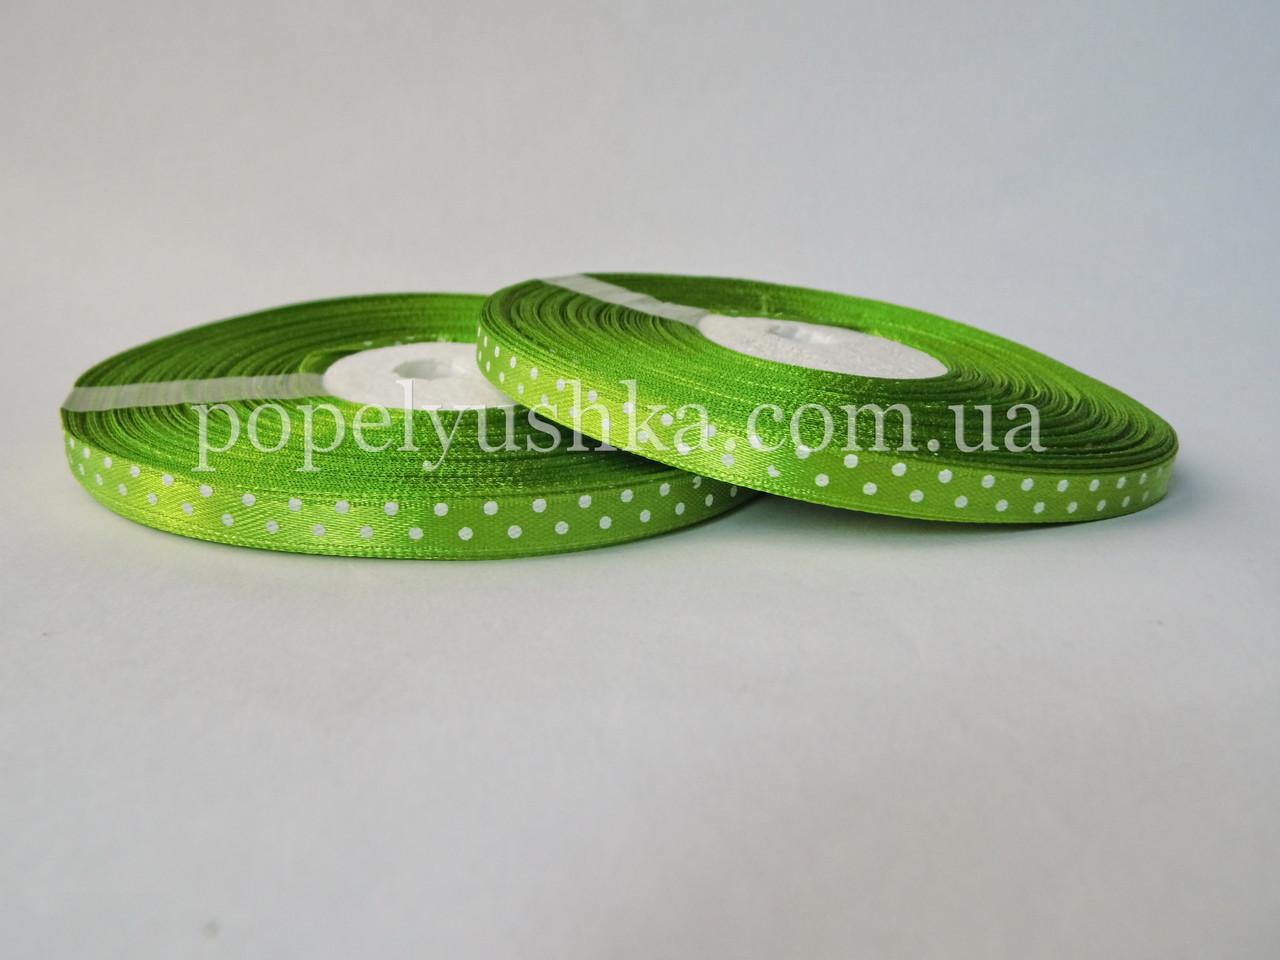 Стрічка горох 0,6 см оливкова